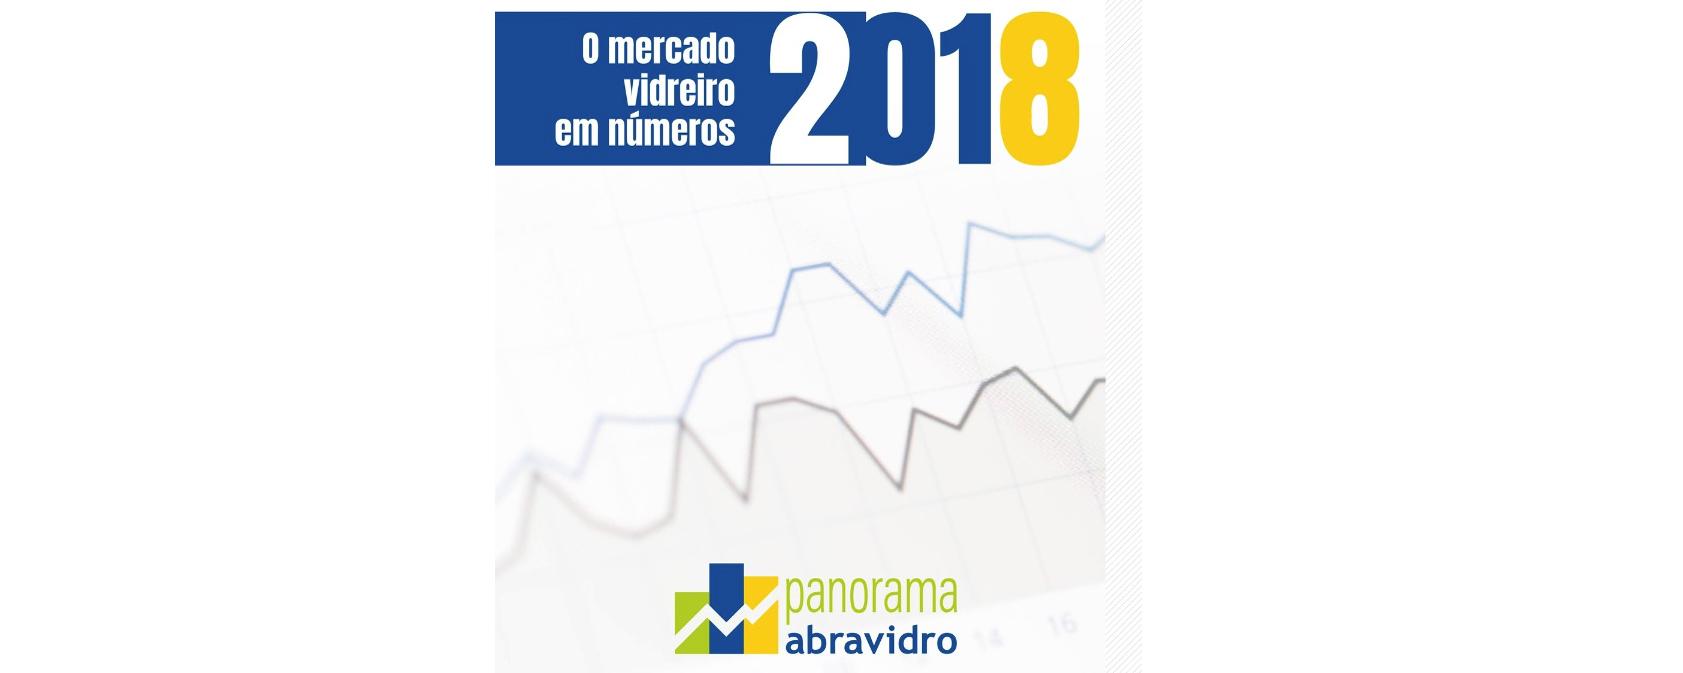 Lançado Panorama Abravidro 2018